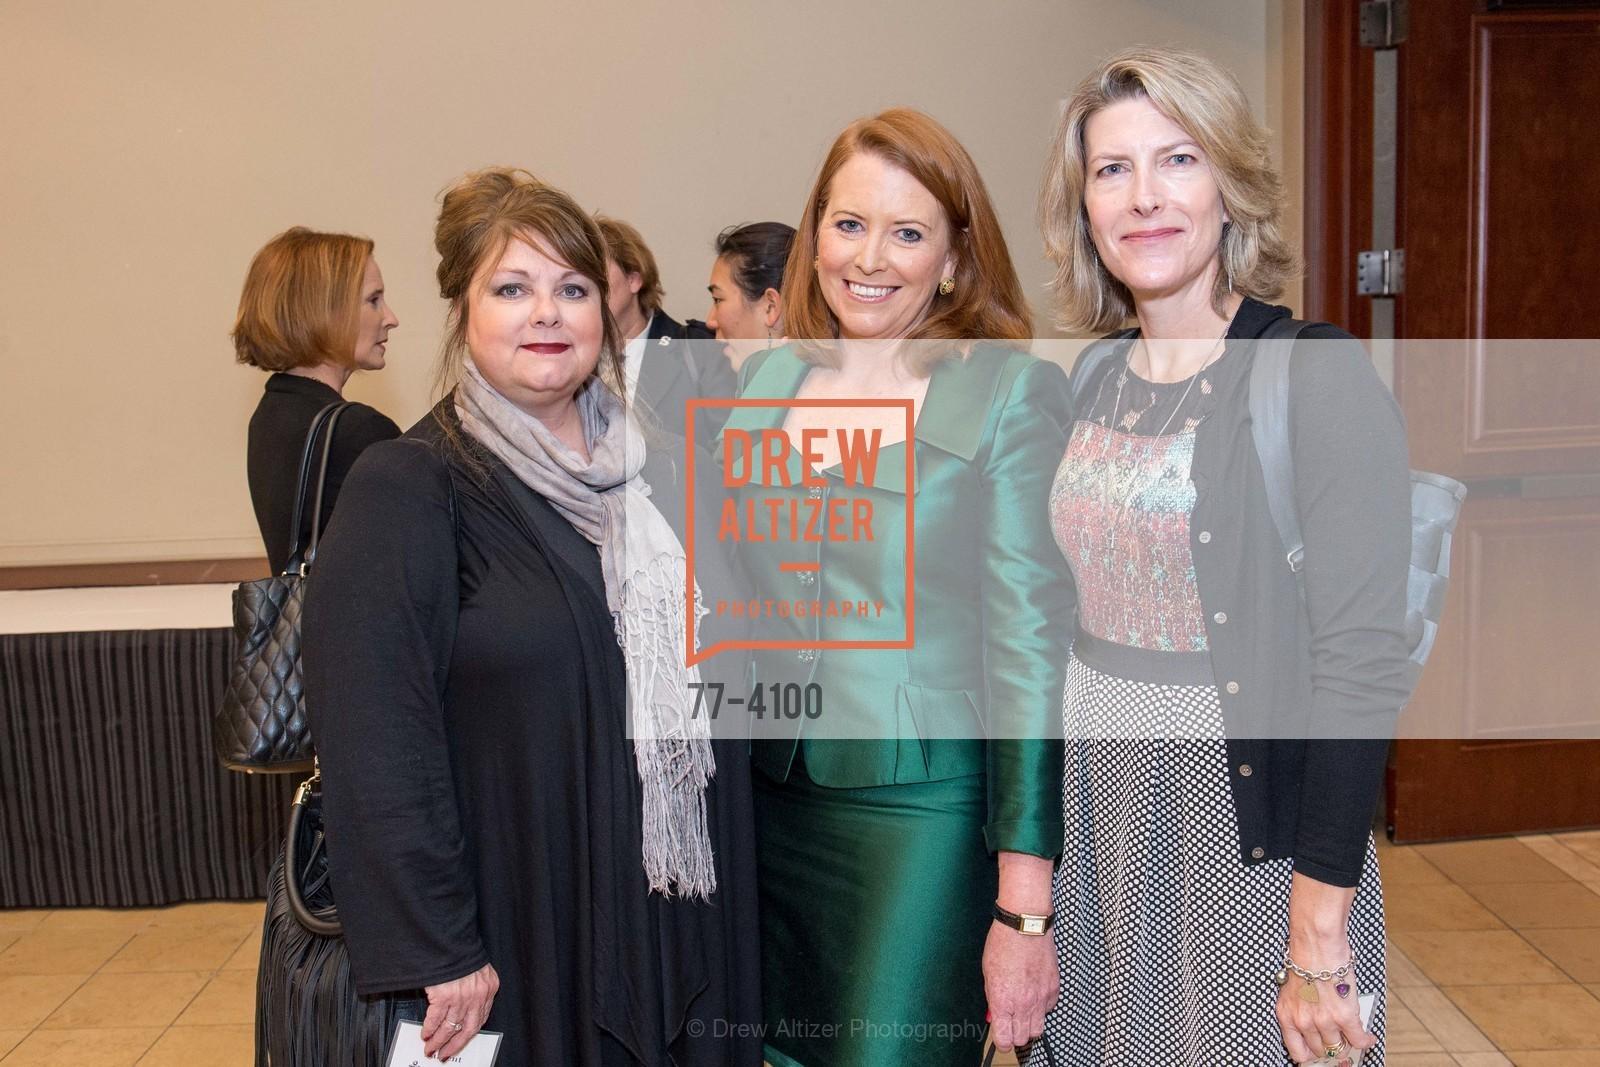 Jane Sargent, Jannine Vaughn, Cathy Osgood, Photo #77-4100